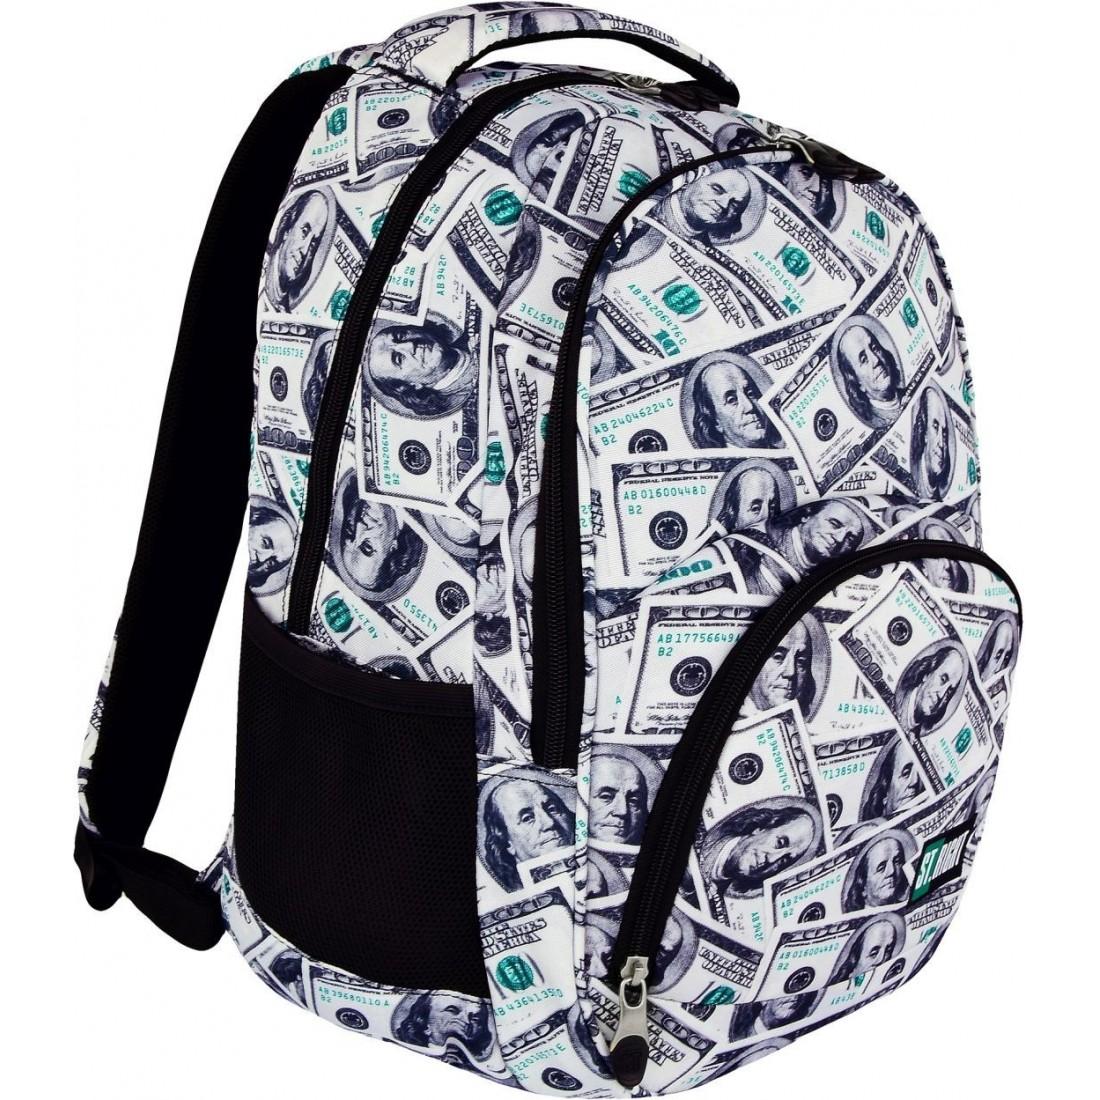 56cc0beef6d43 Plecak szkolny 23 ST.RIGHT DOLLARS dolary full print - plecak ...